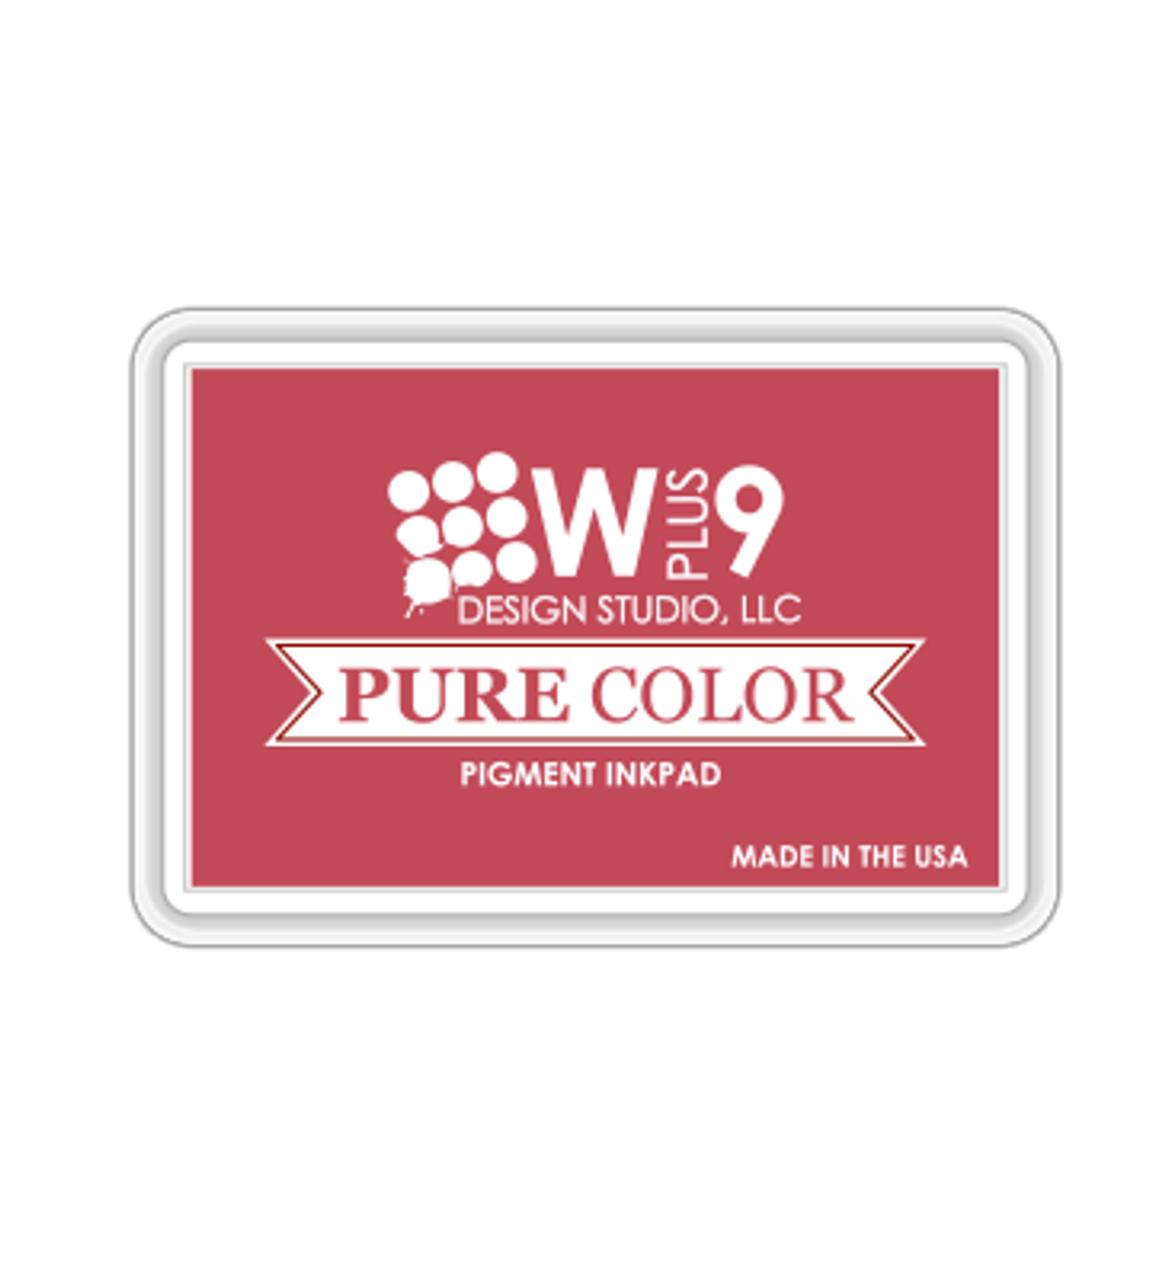 Cupid S Bow Pigment Ink Wplus9 Design Studio Llc